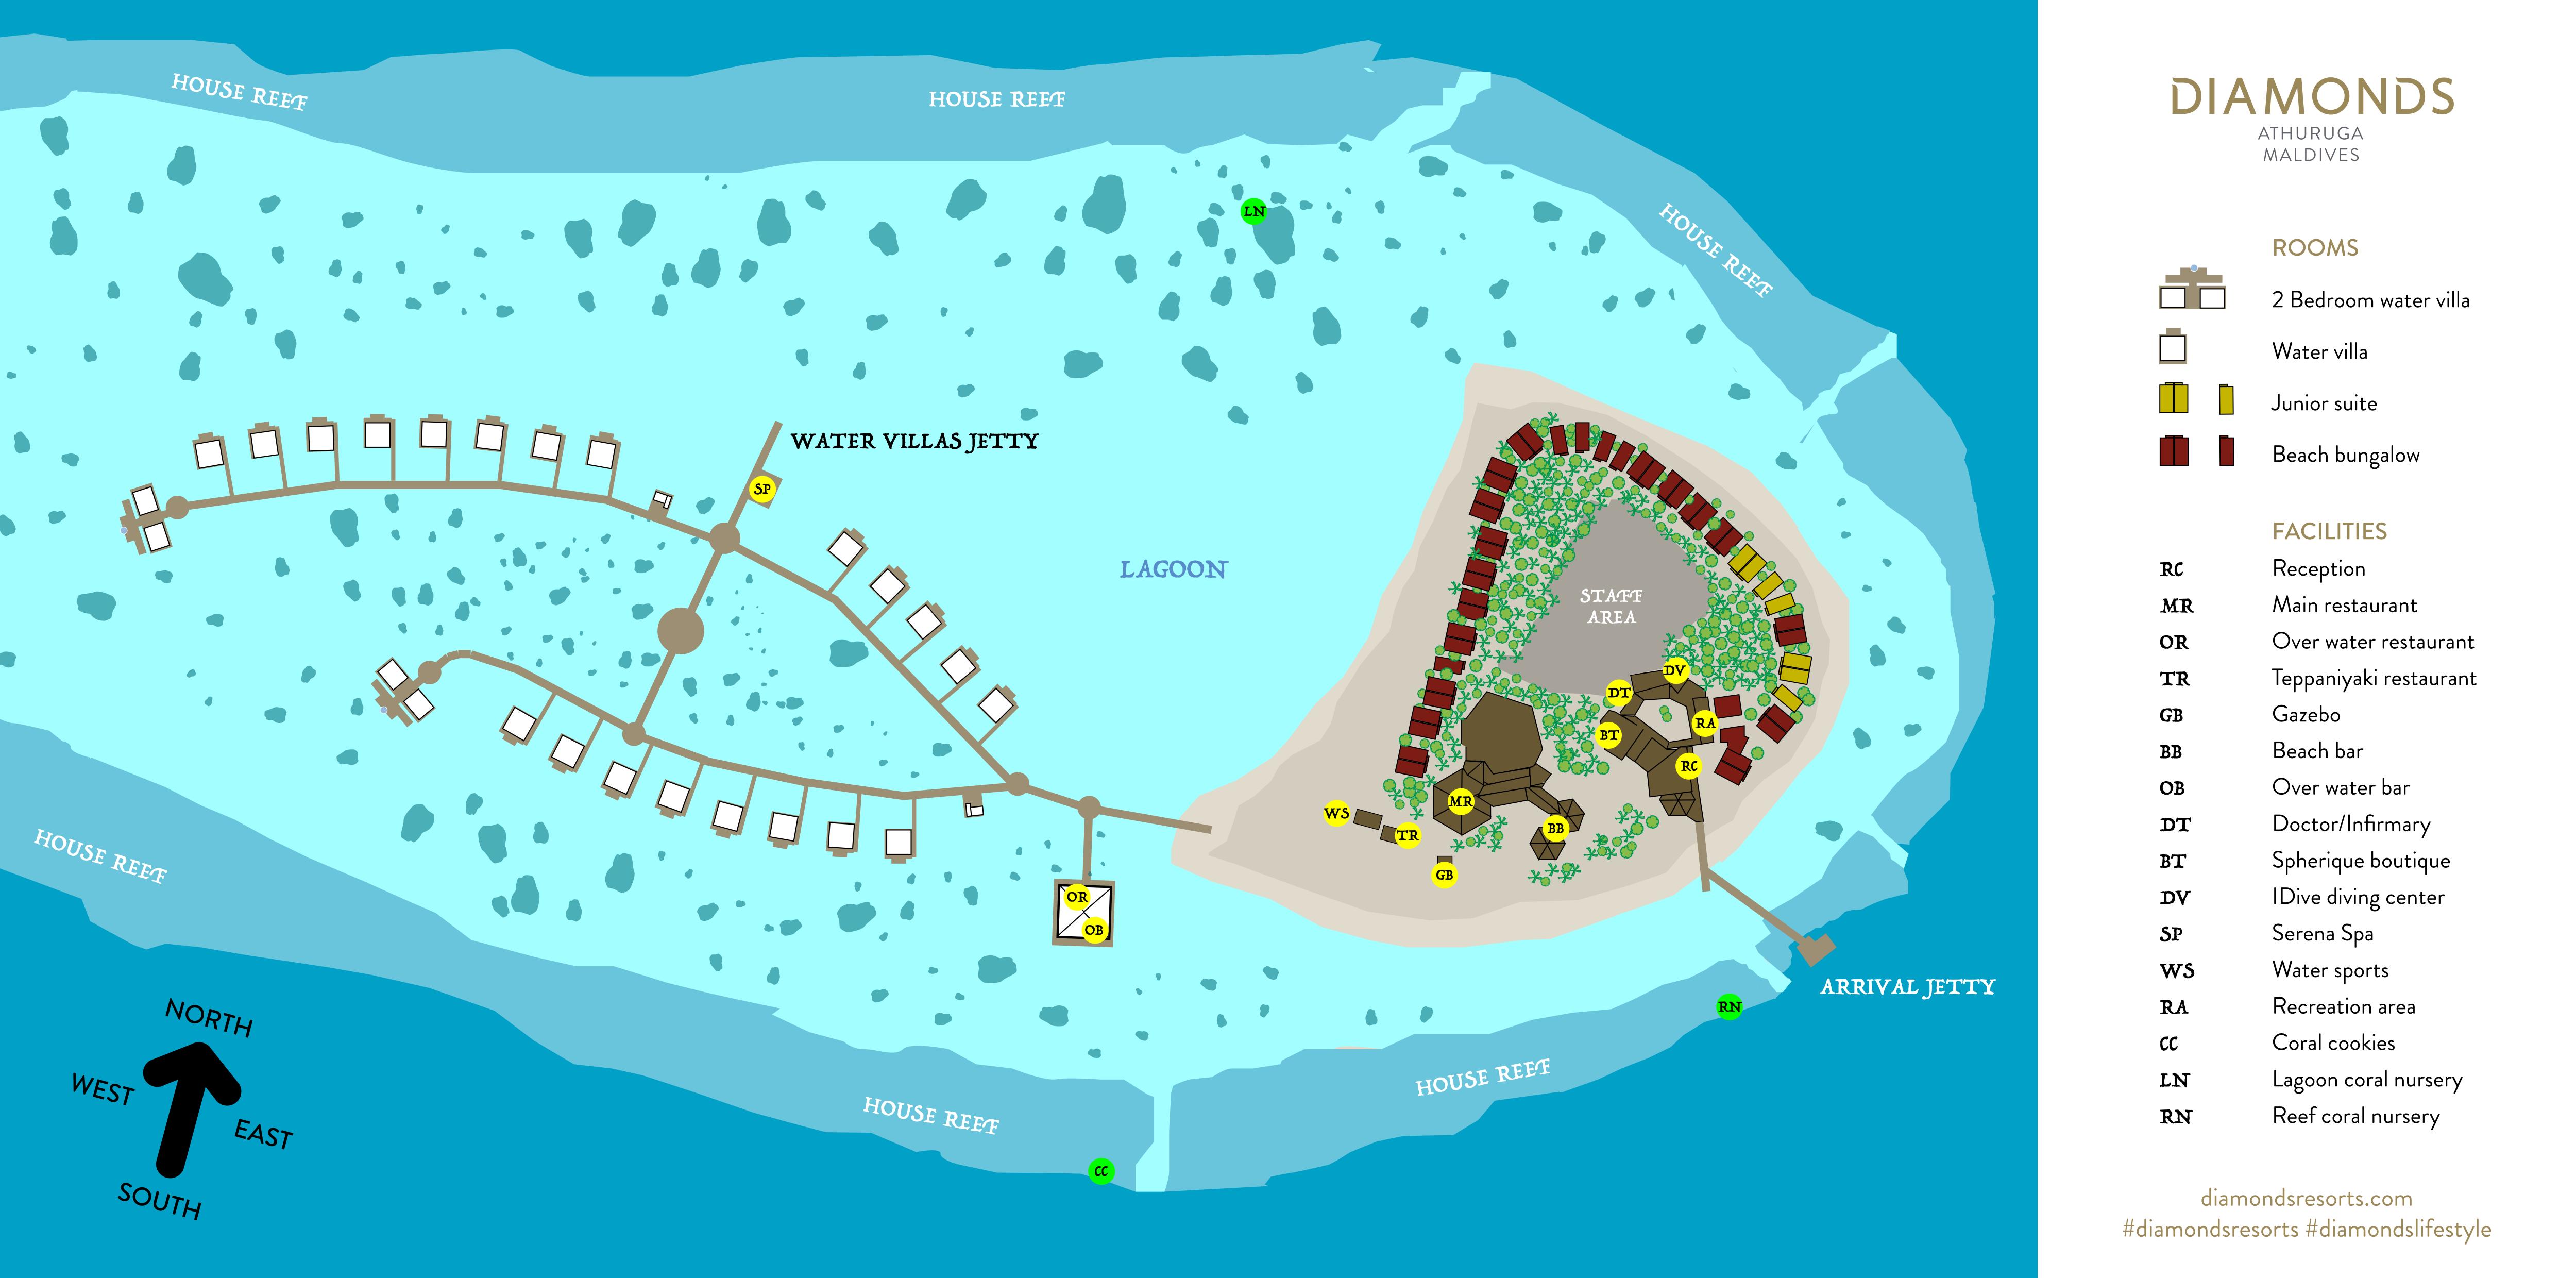 mappa Athuruga Maldive, Map Maldives